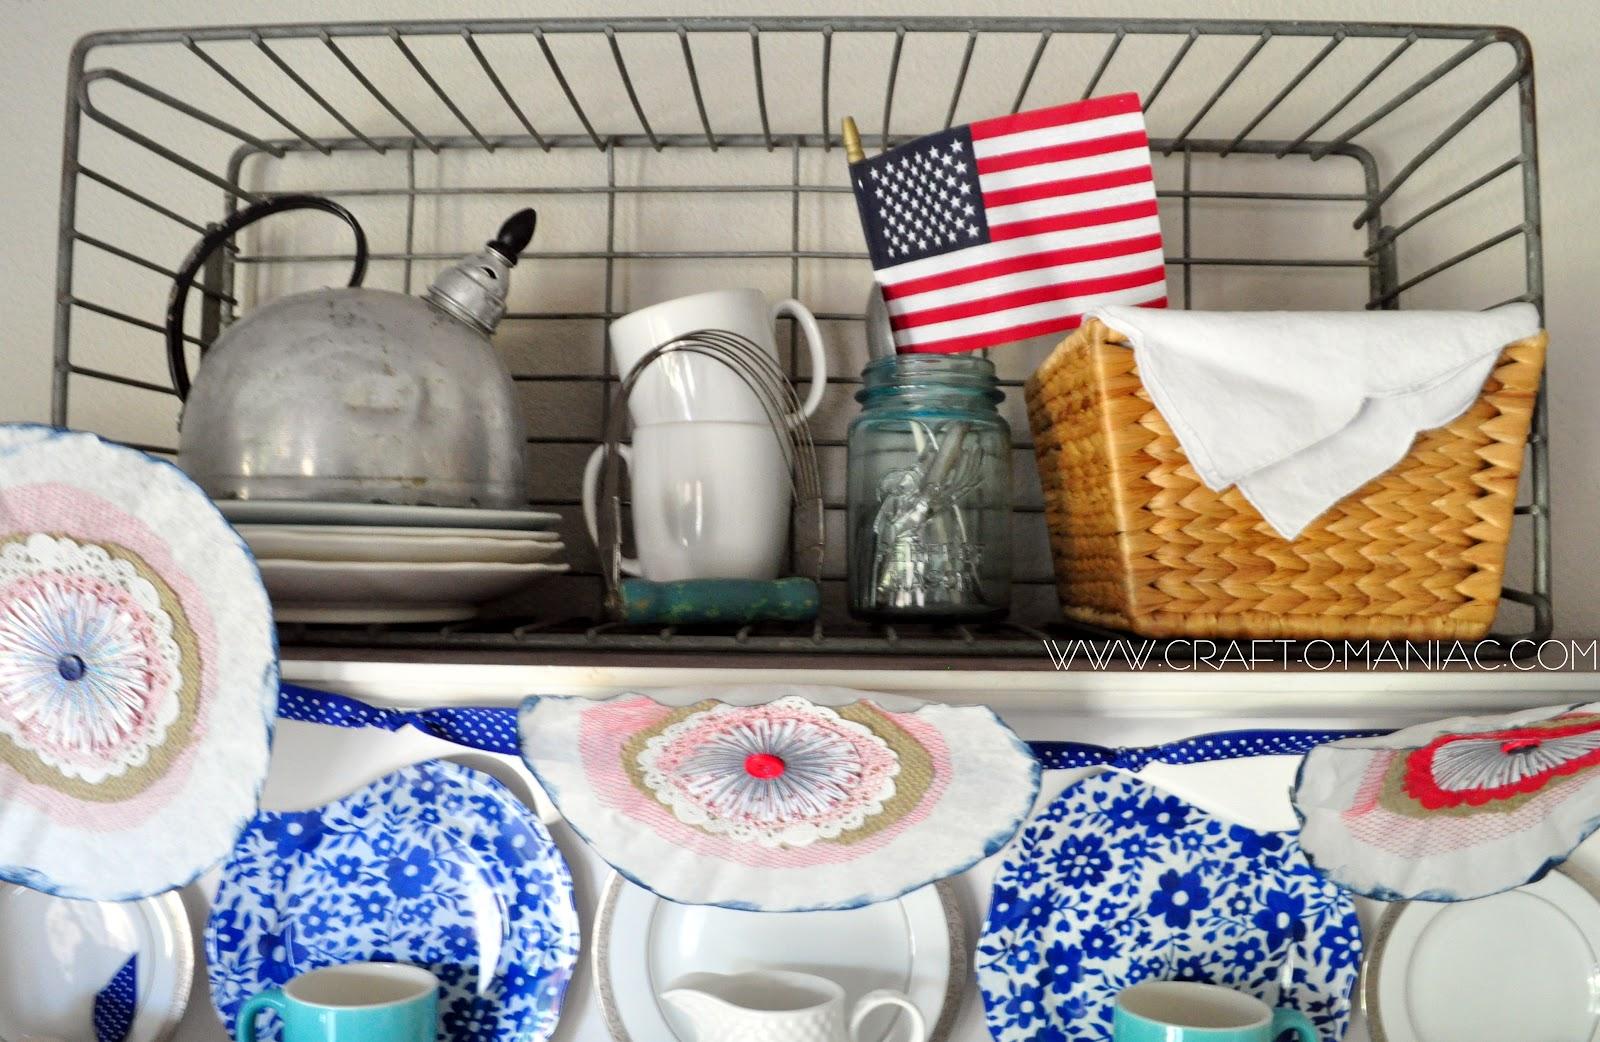 Home decor a patriotic hutch craft o maniac for Patriotic home decorations